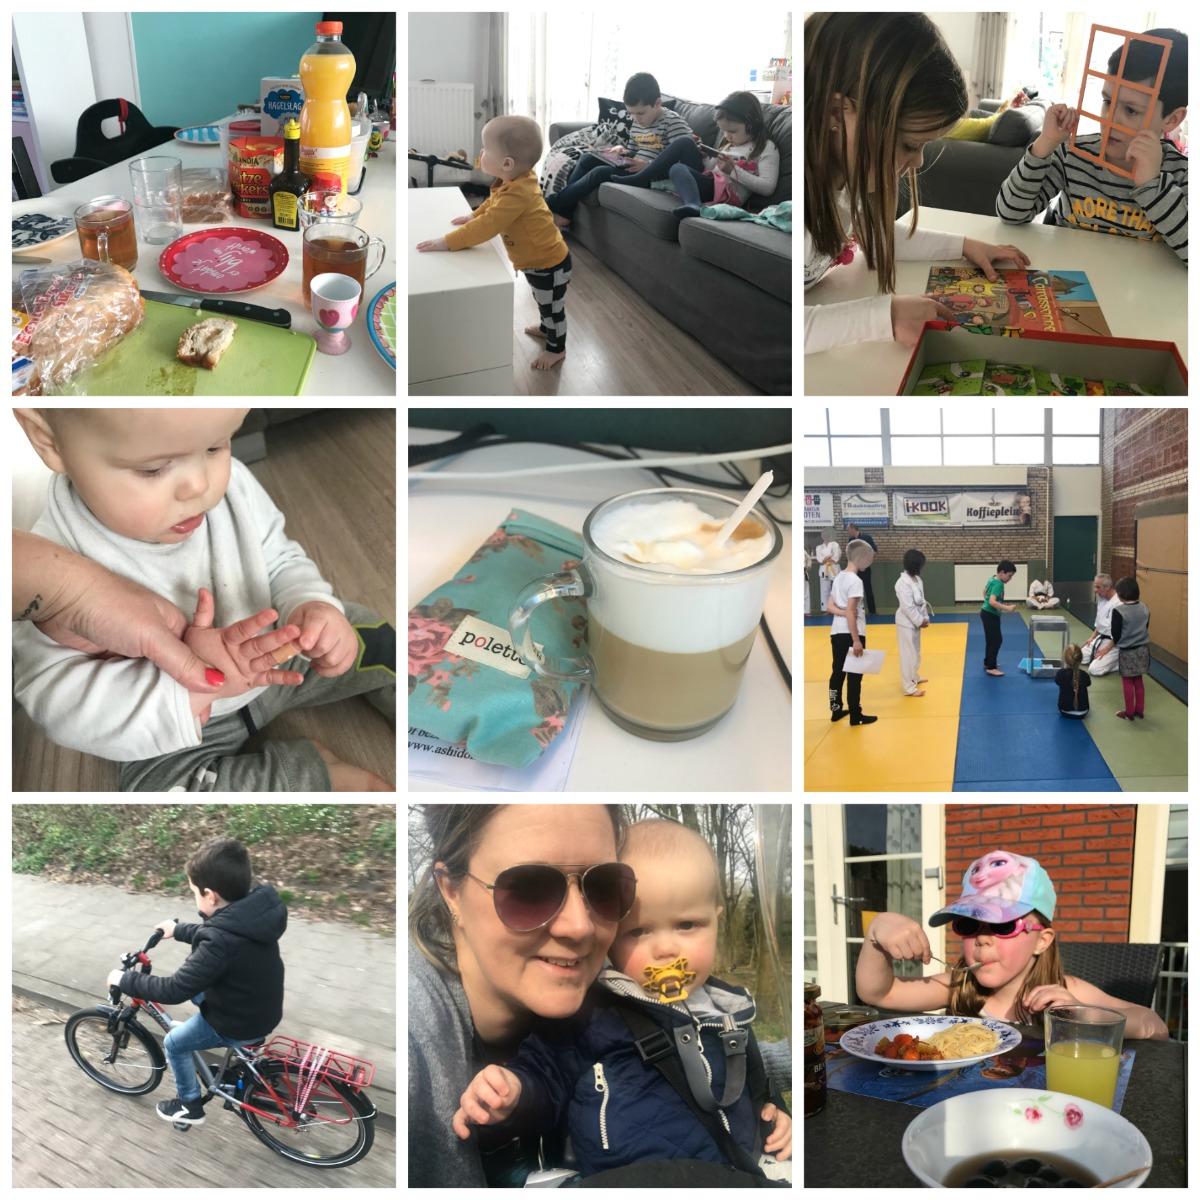 Tweede Paasdag, eerste keer op de fiets en buiten eten